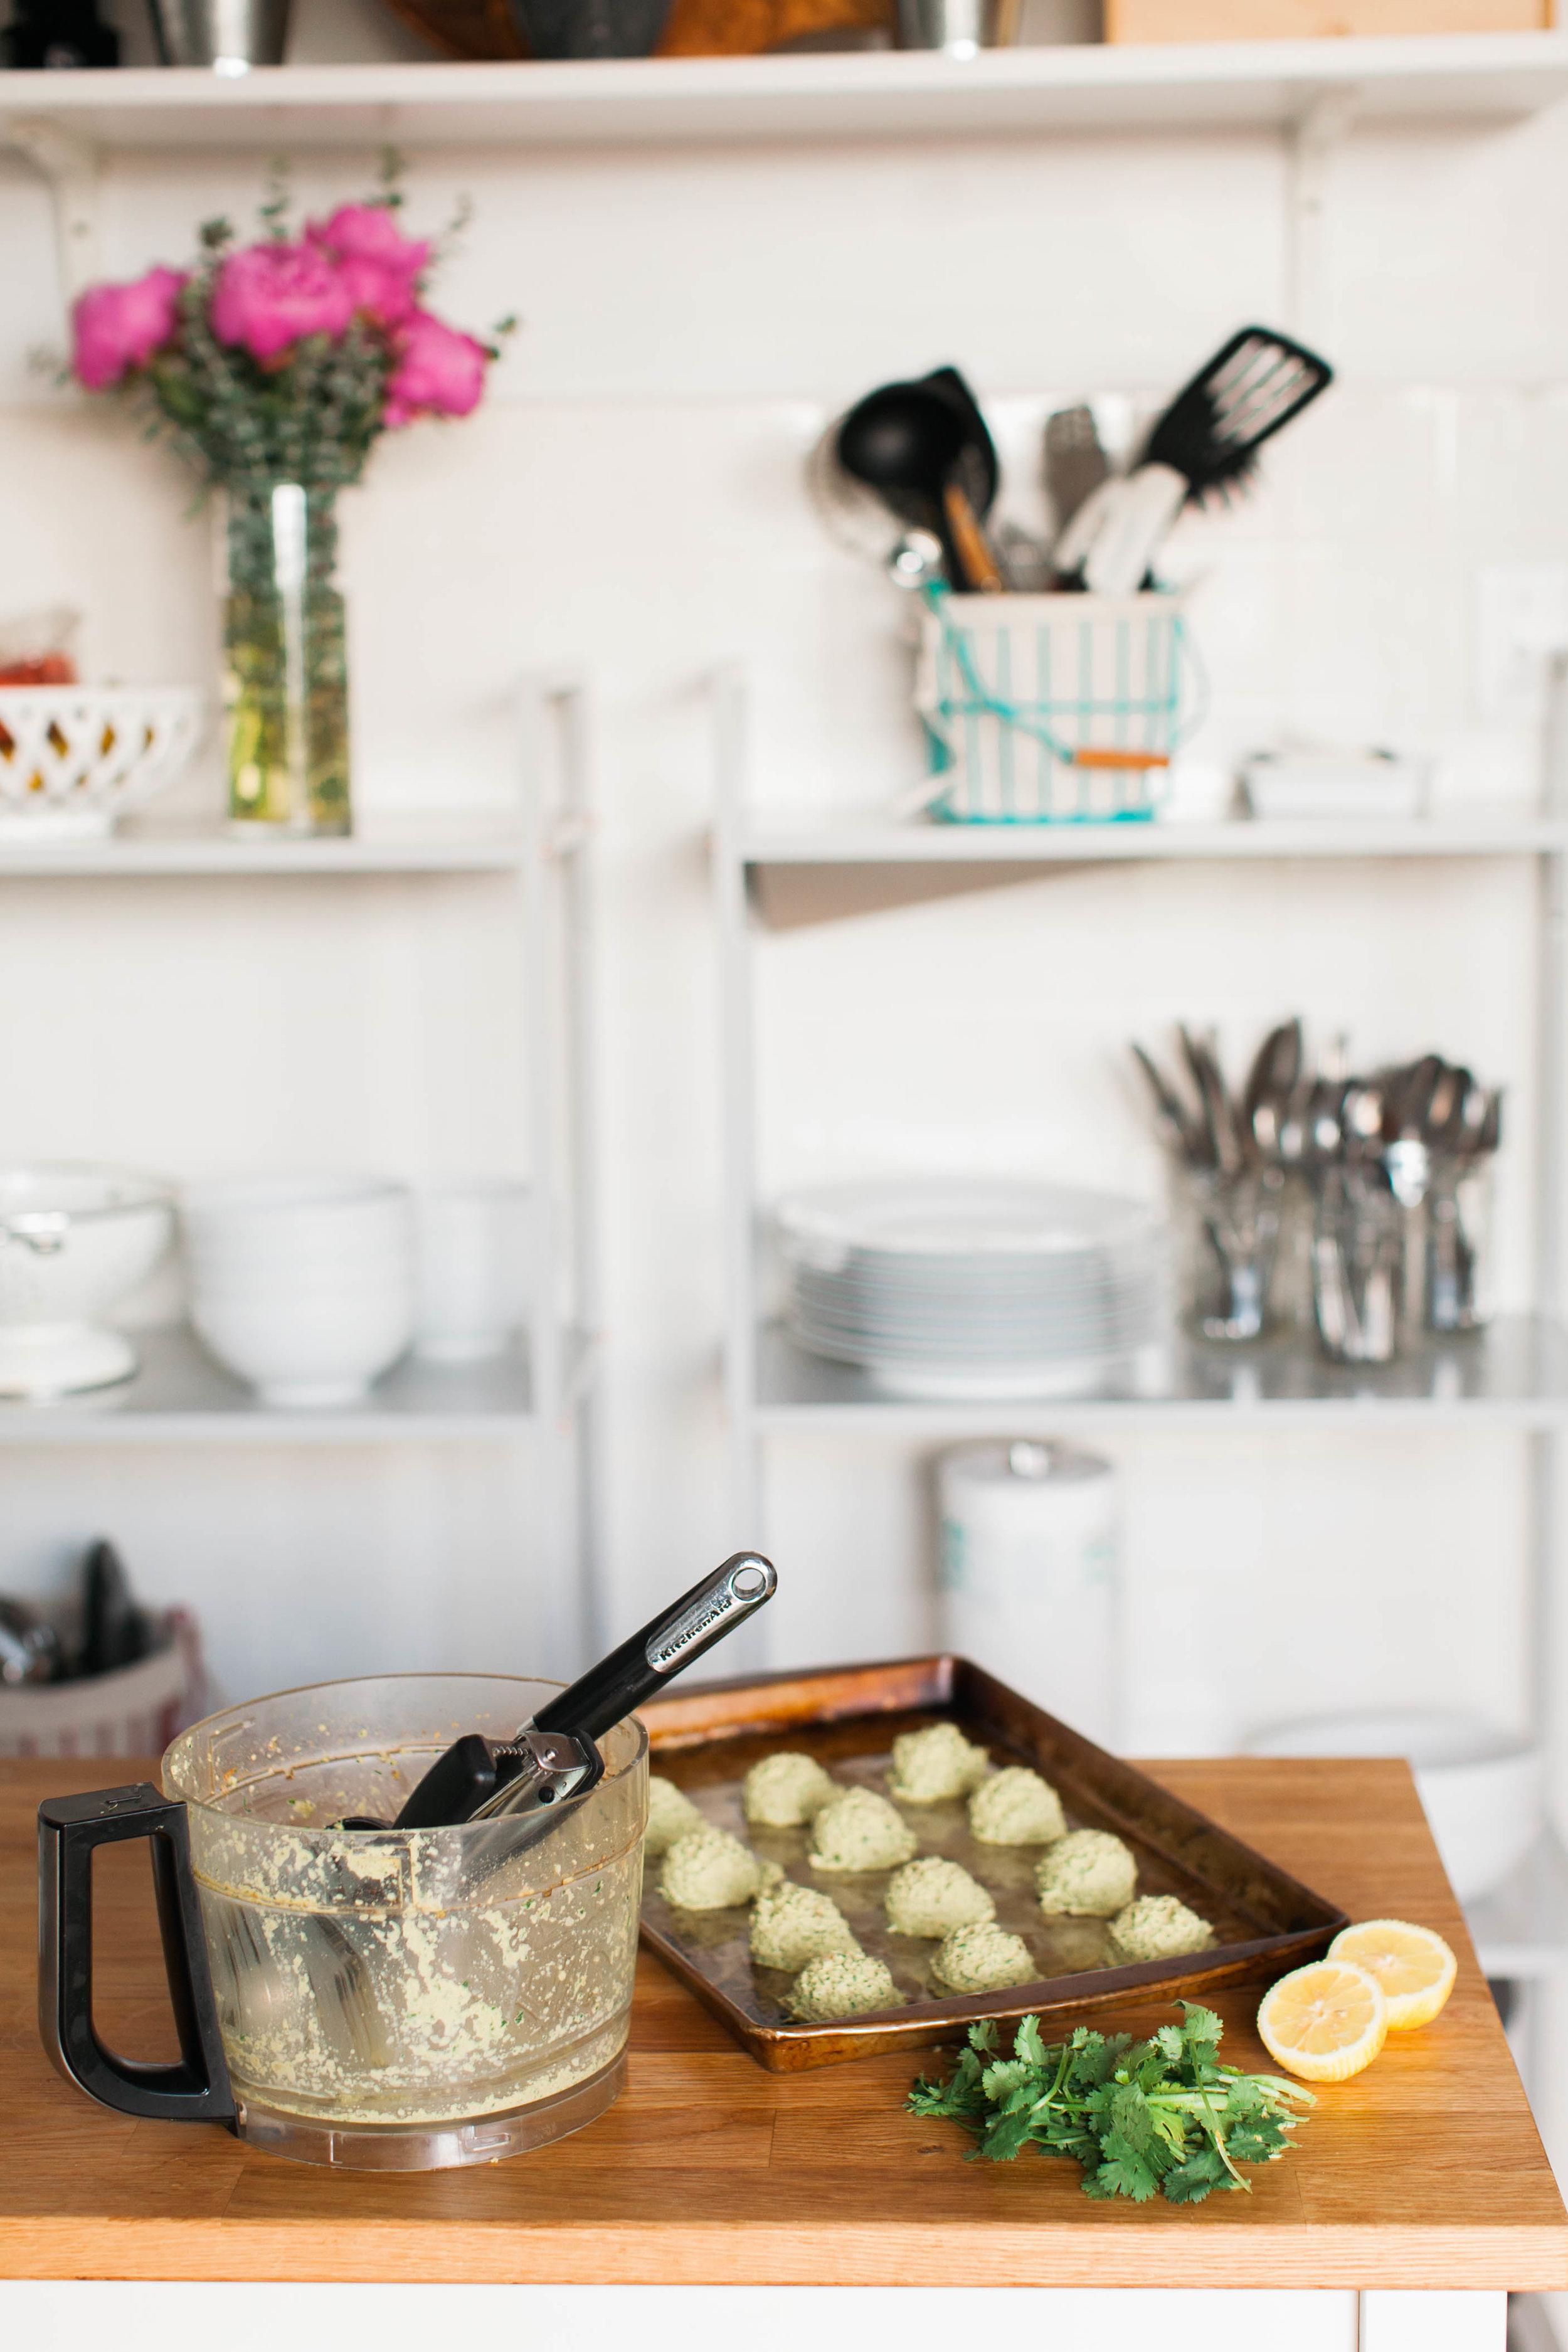 jennahazelphotoghy-falafel bowls-0846.jpg